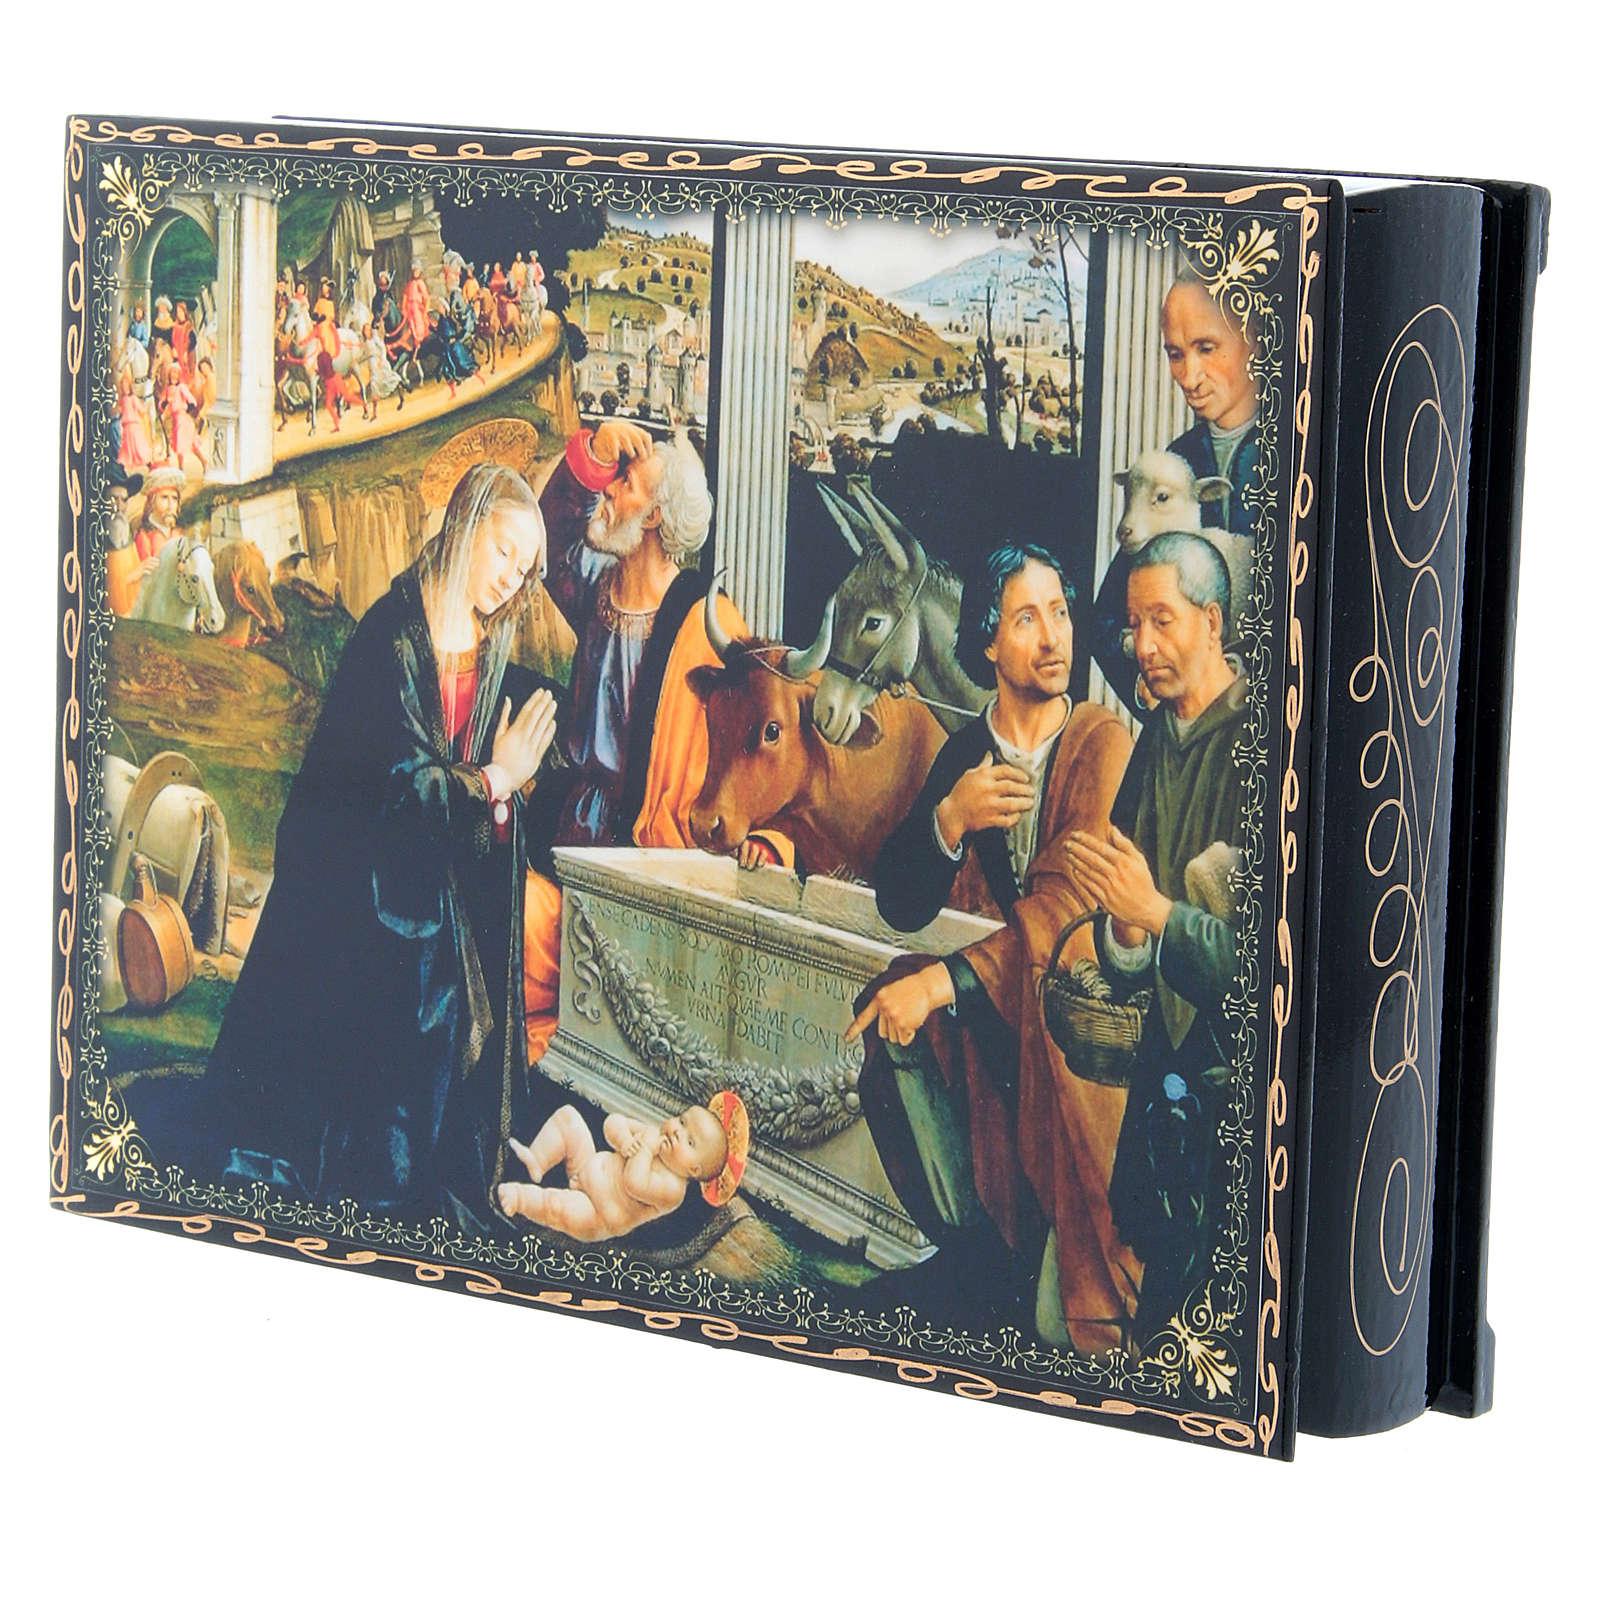 Scatola cartapesta decoupage L'Adorazione dei pastori 22X16 cm 4